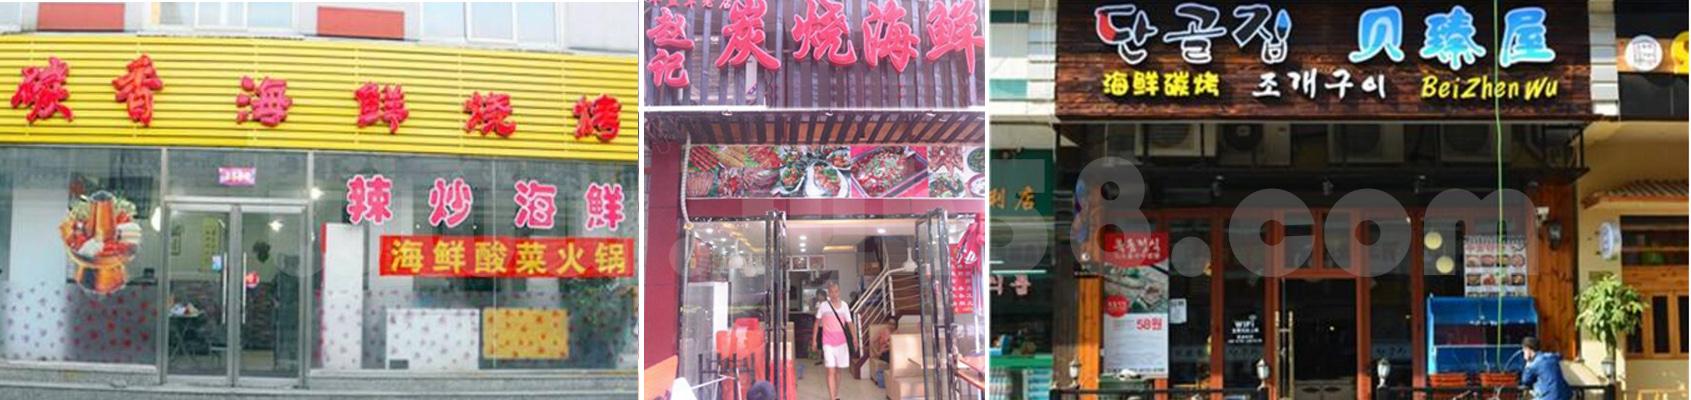 武汉佳肴汇烤海鲜培训班,武昌哪里可以学烤海鲜